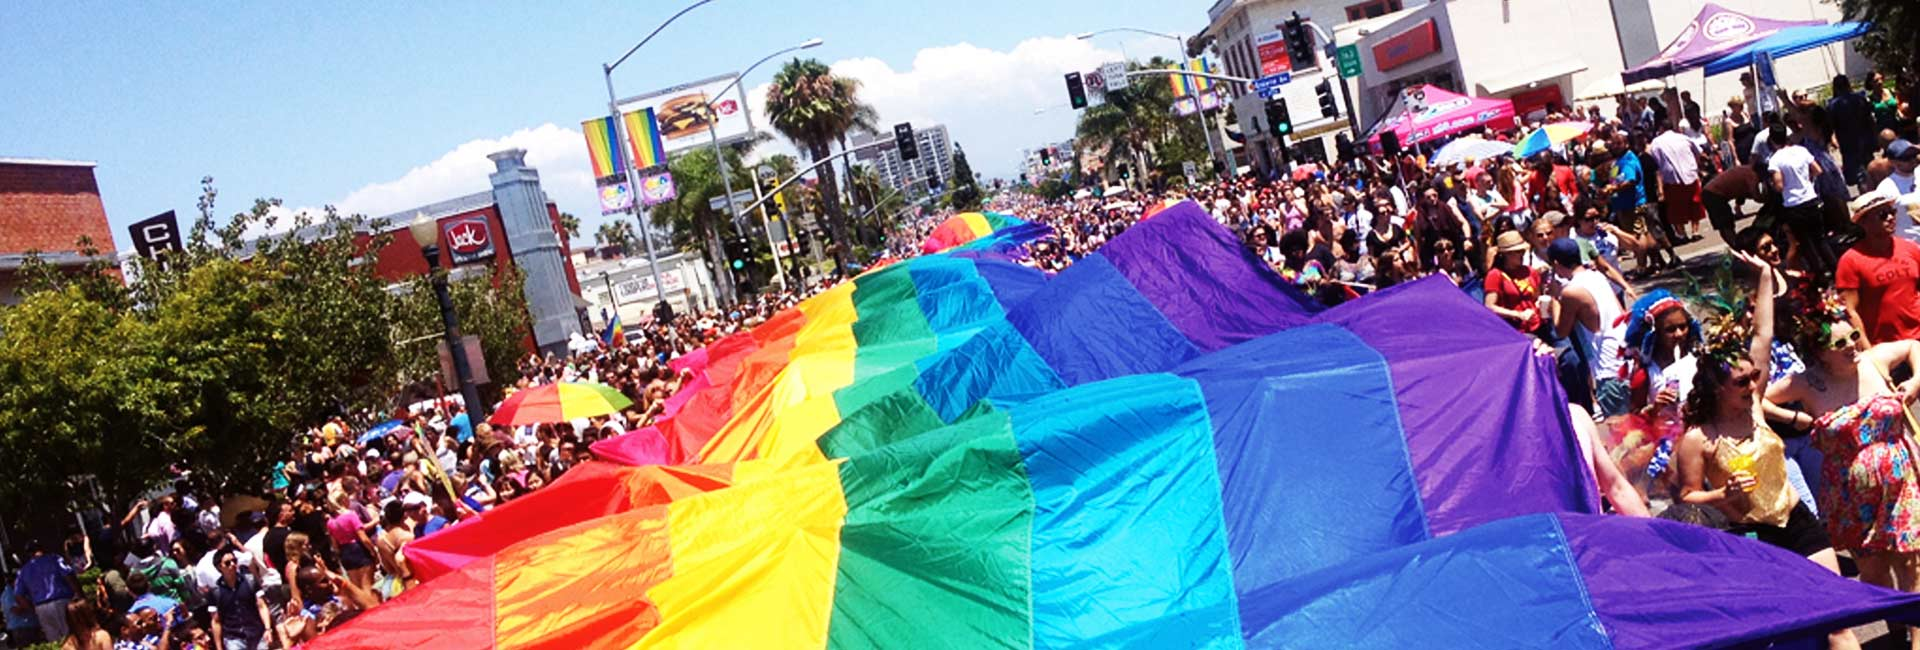 san-diego-pride-parade-2.jpg